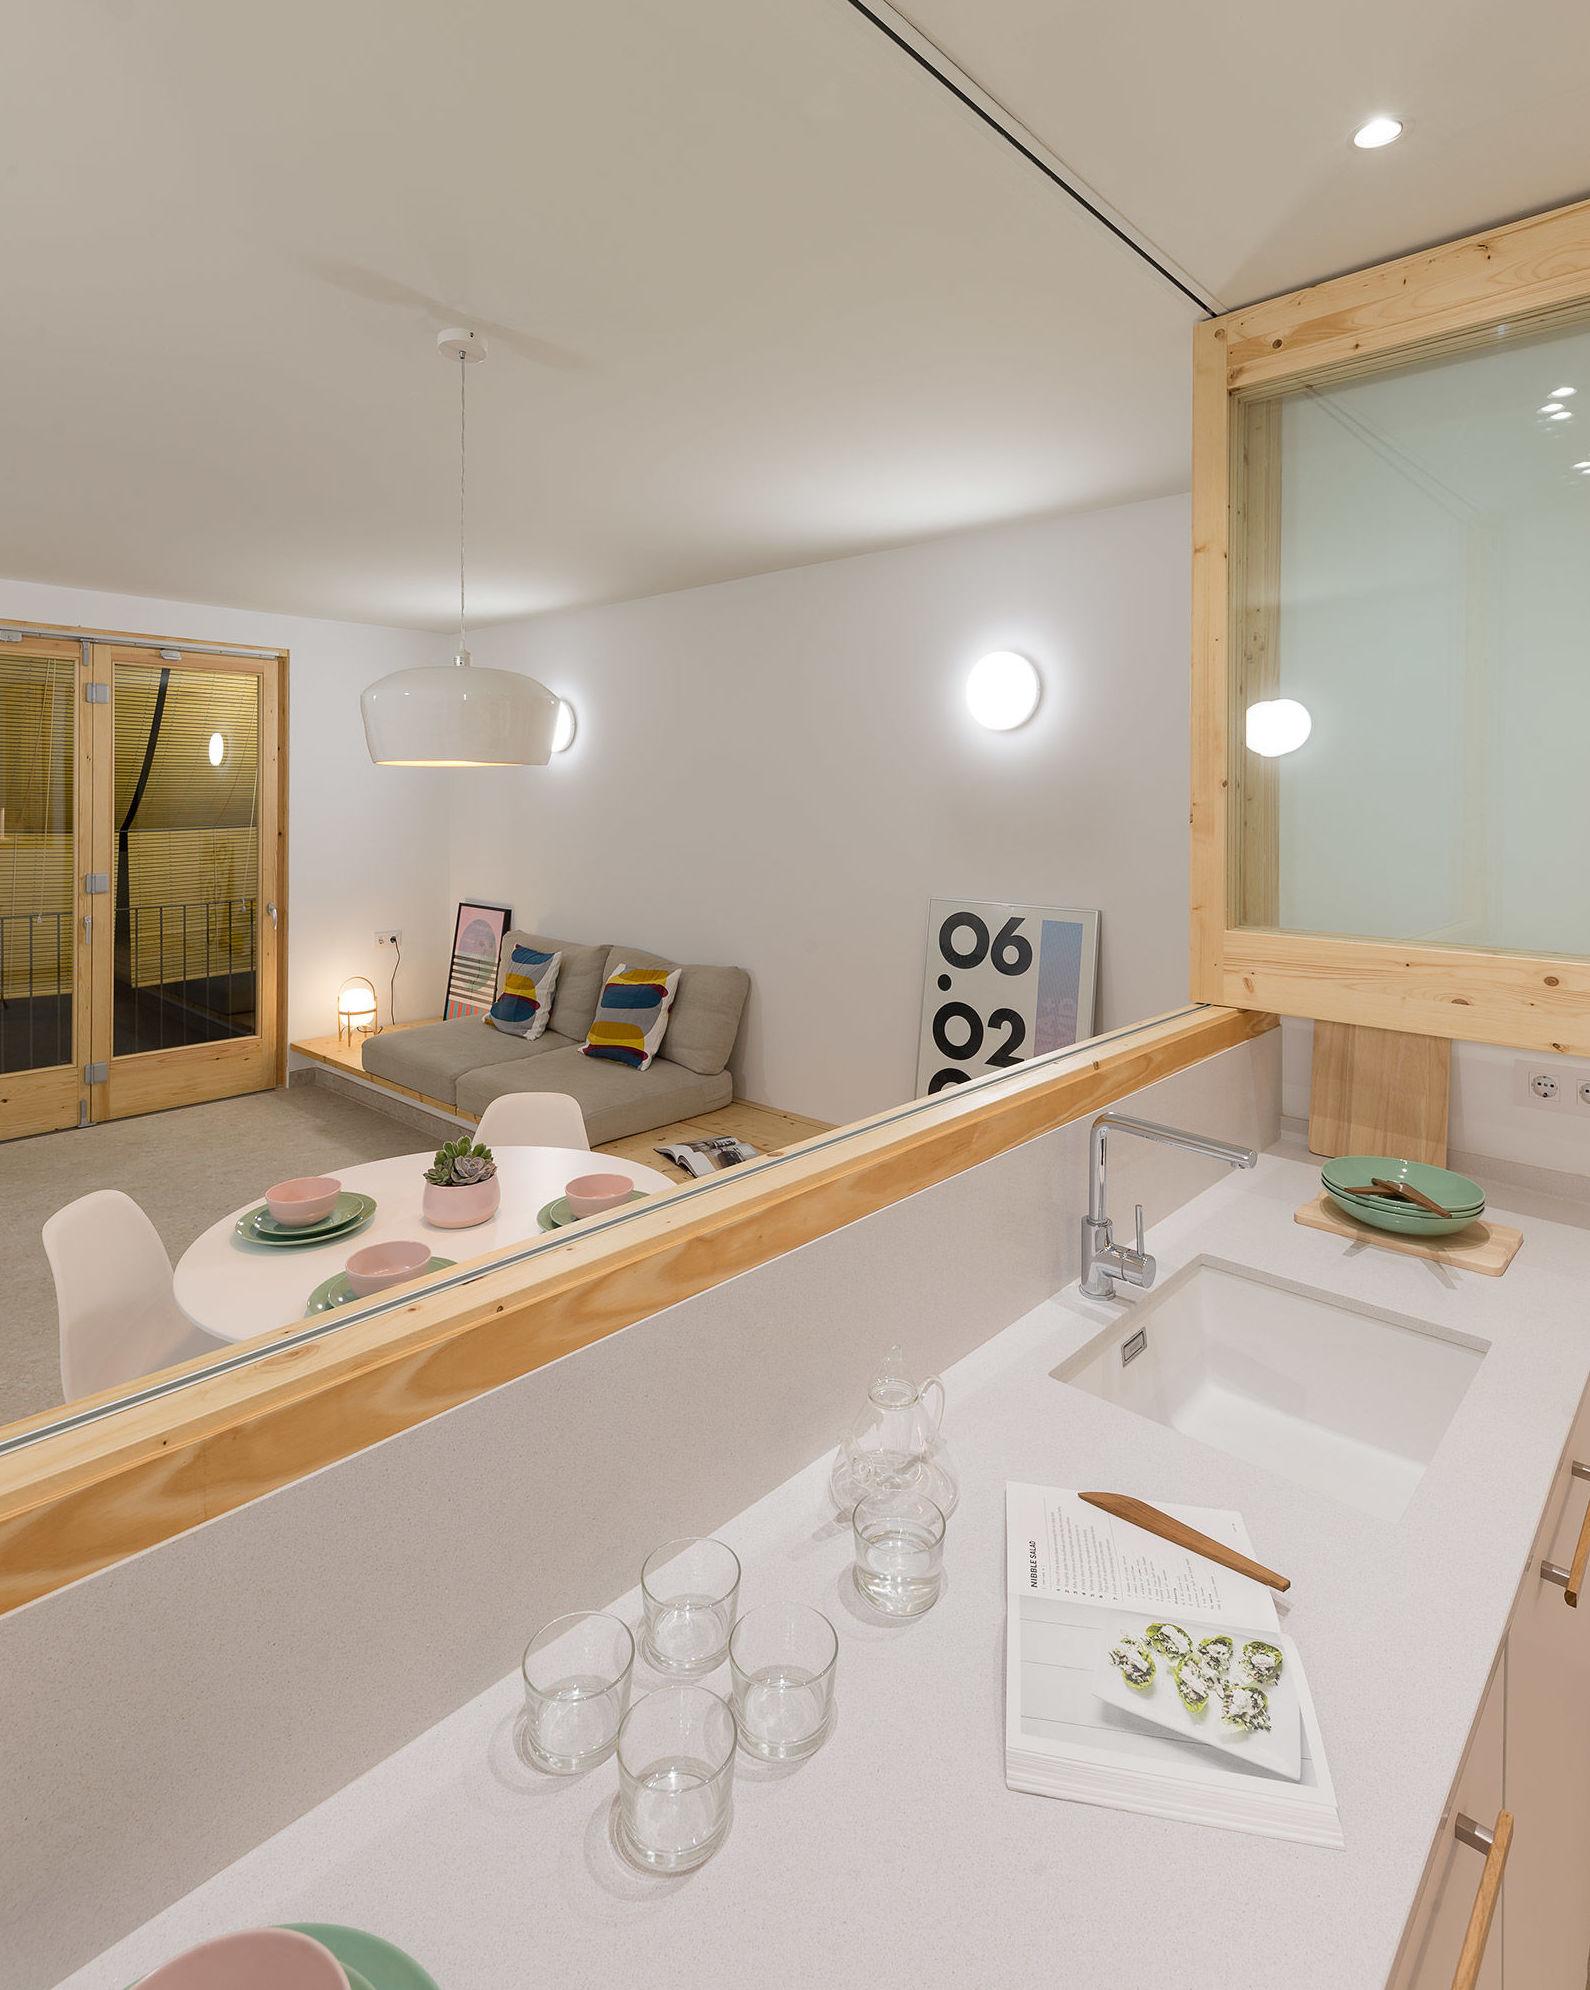 Espacios diáfanos que harán tu vivienda más flexible